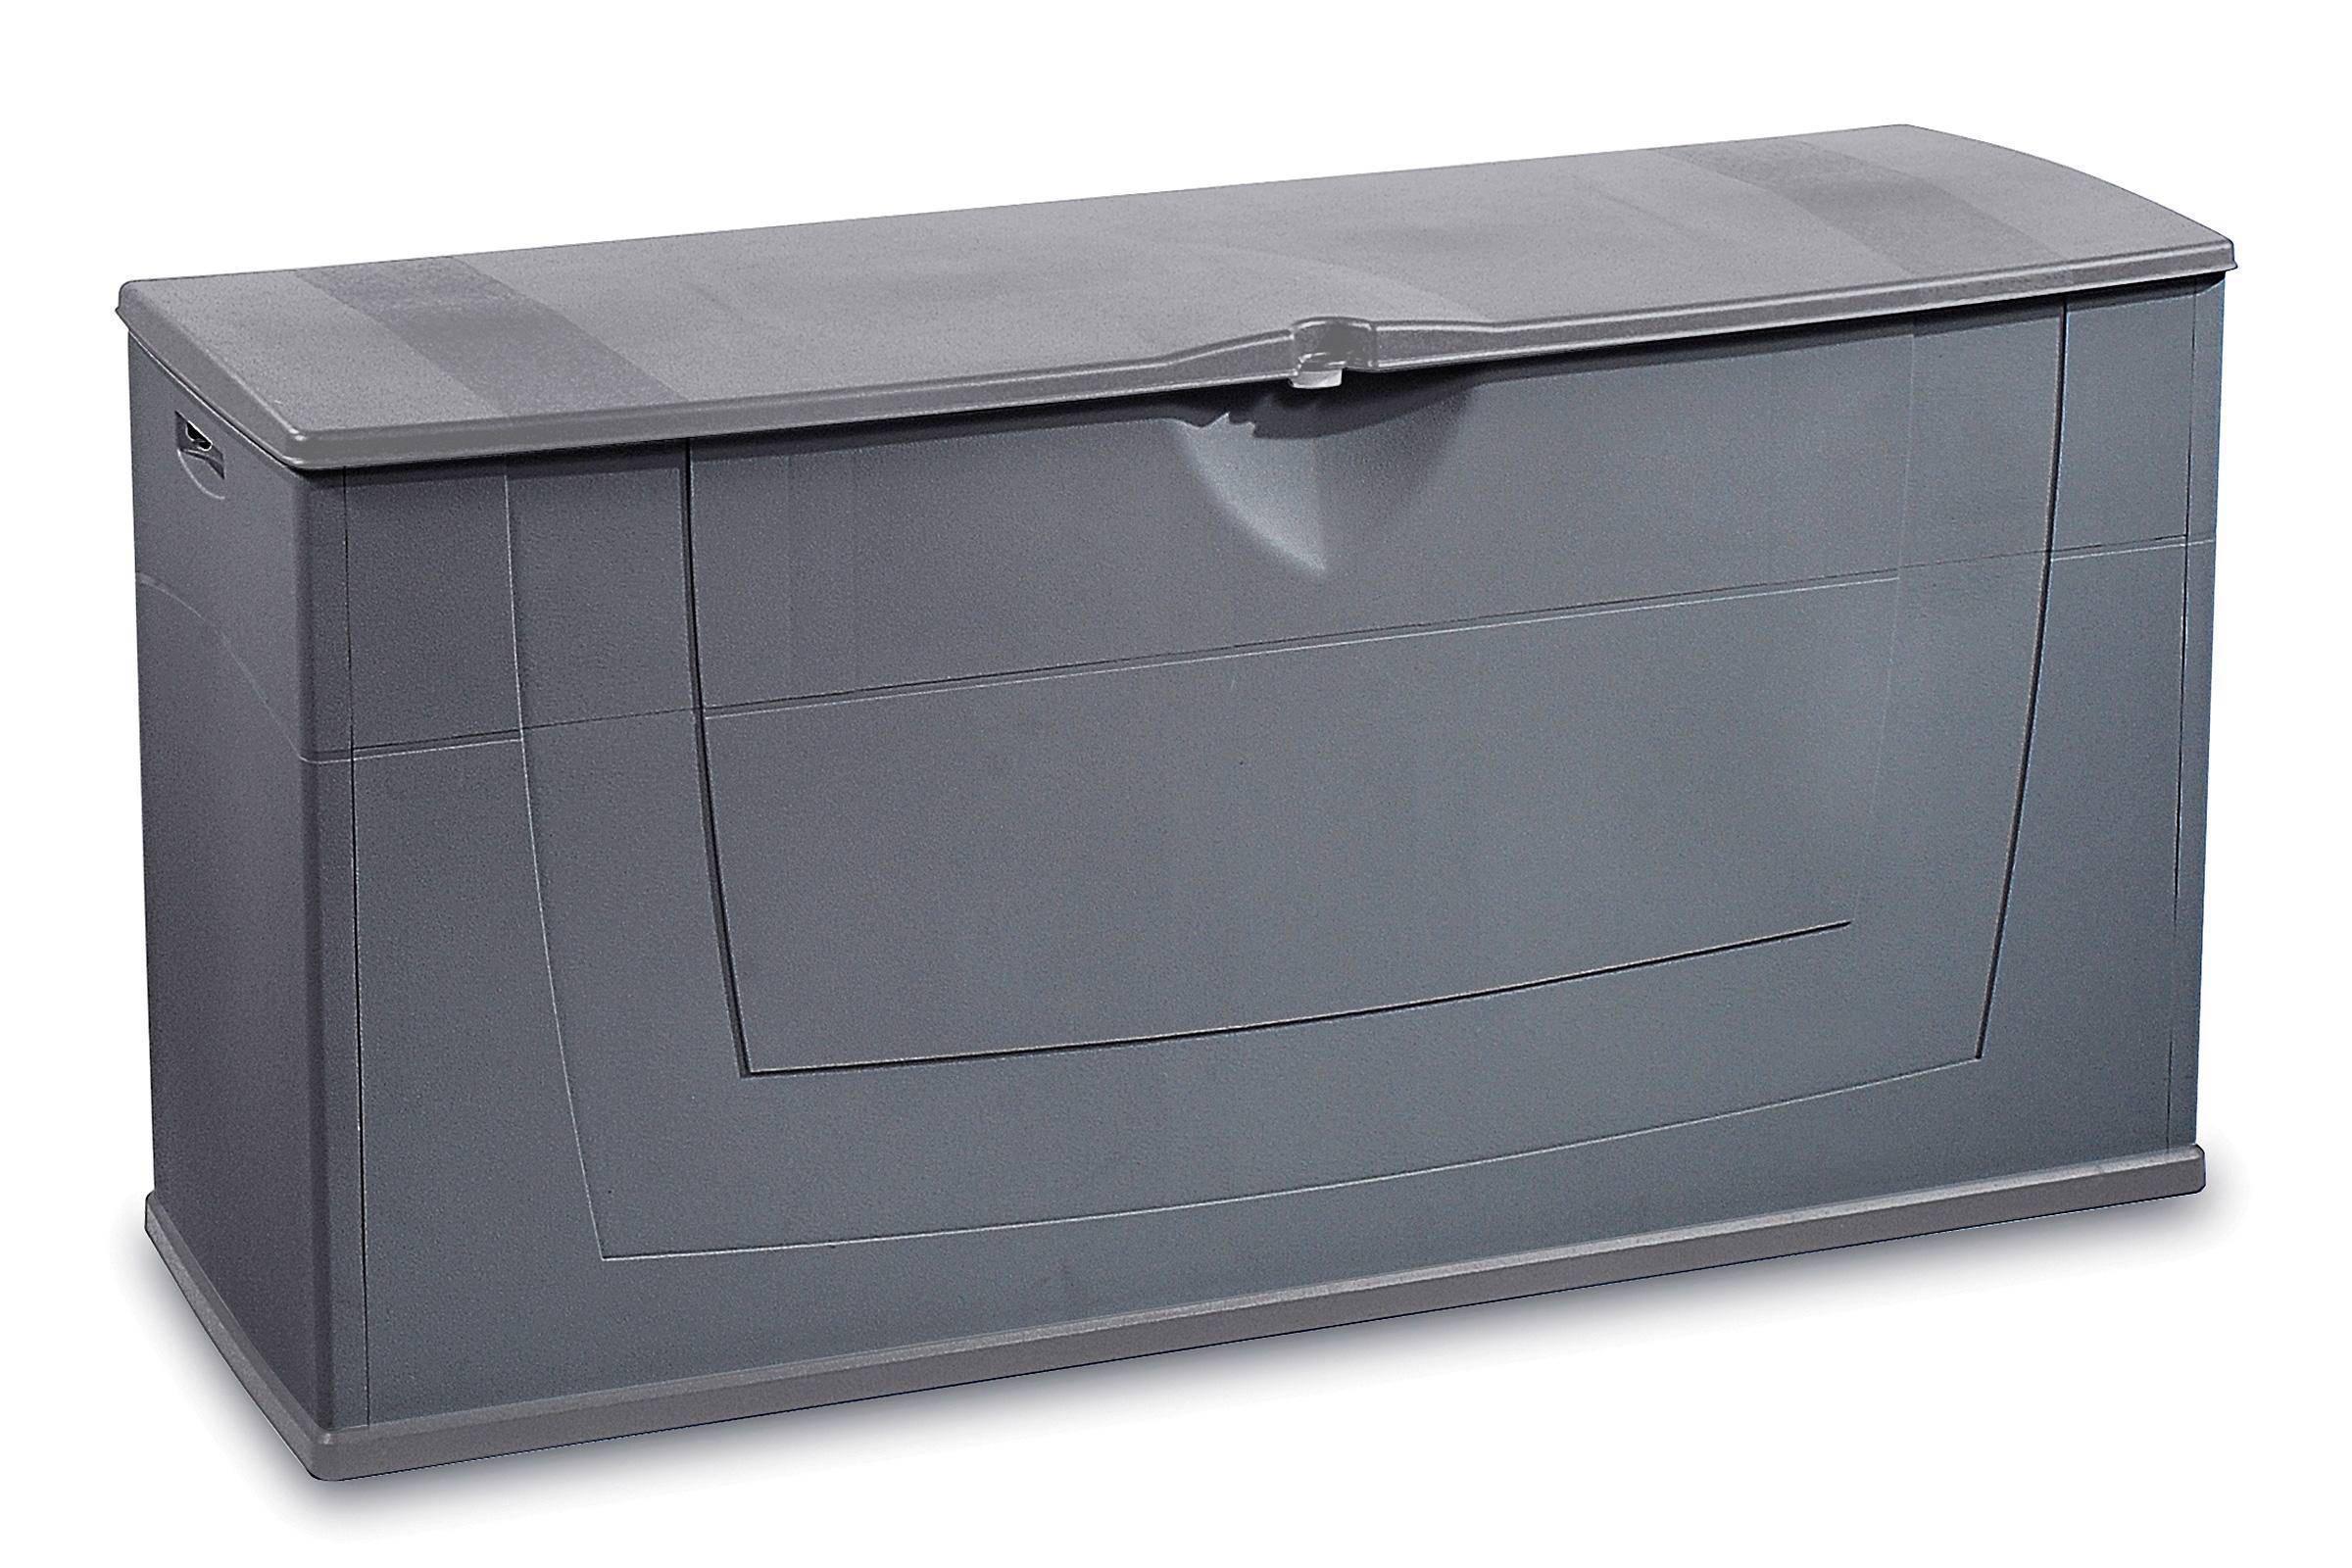 Opbergboxen bij wehkamp gratis bezorging vanaf 20.